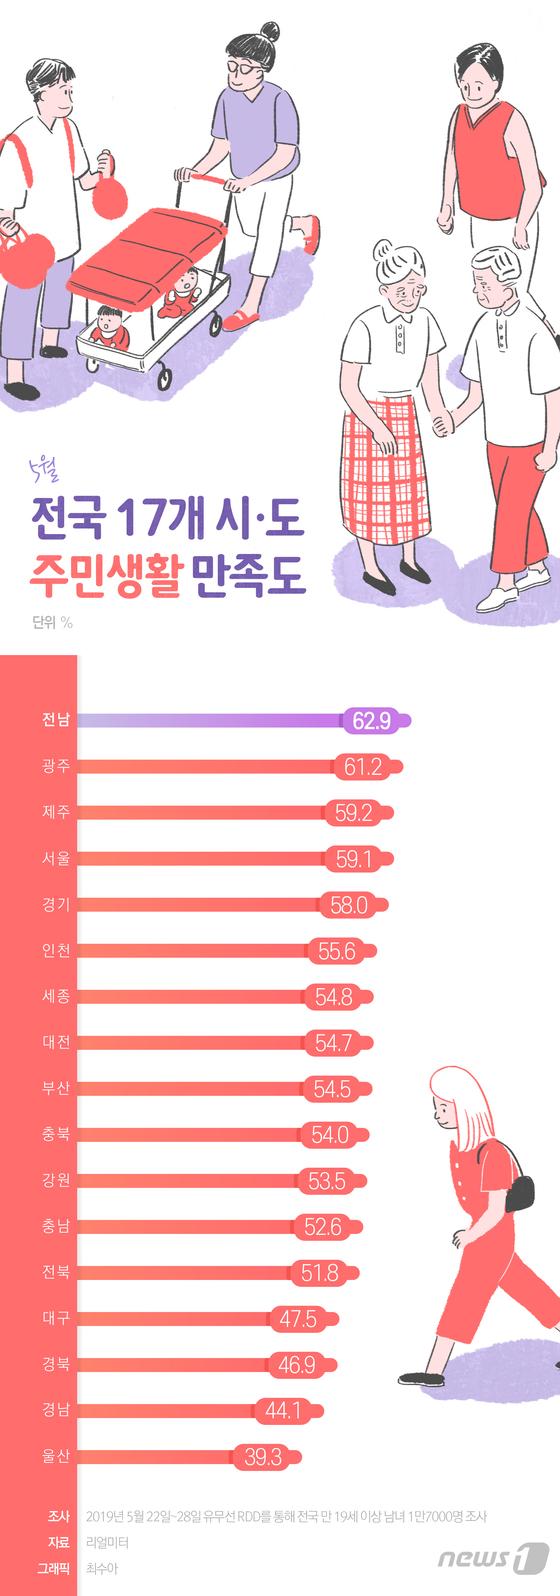 [그래픽뉴스] 전국 17개 시·도 주민생활 만족도